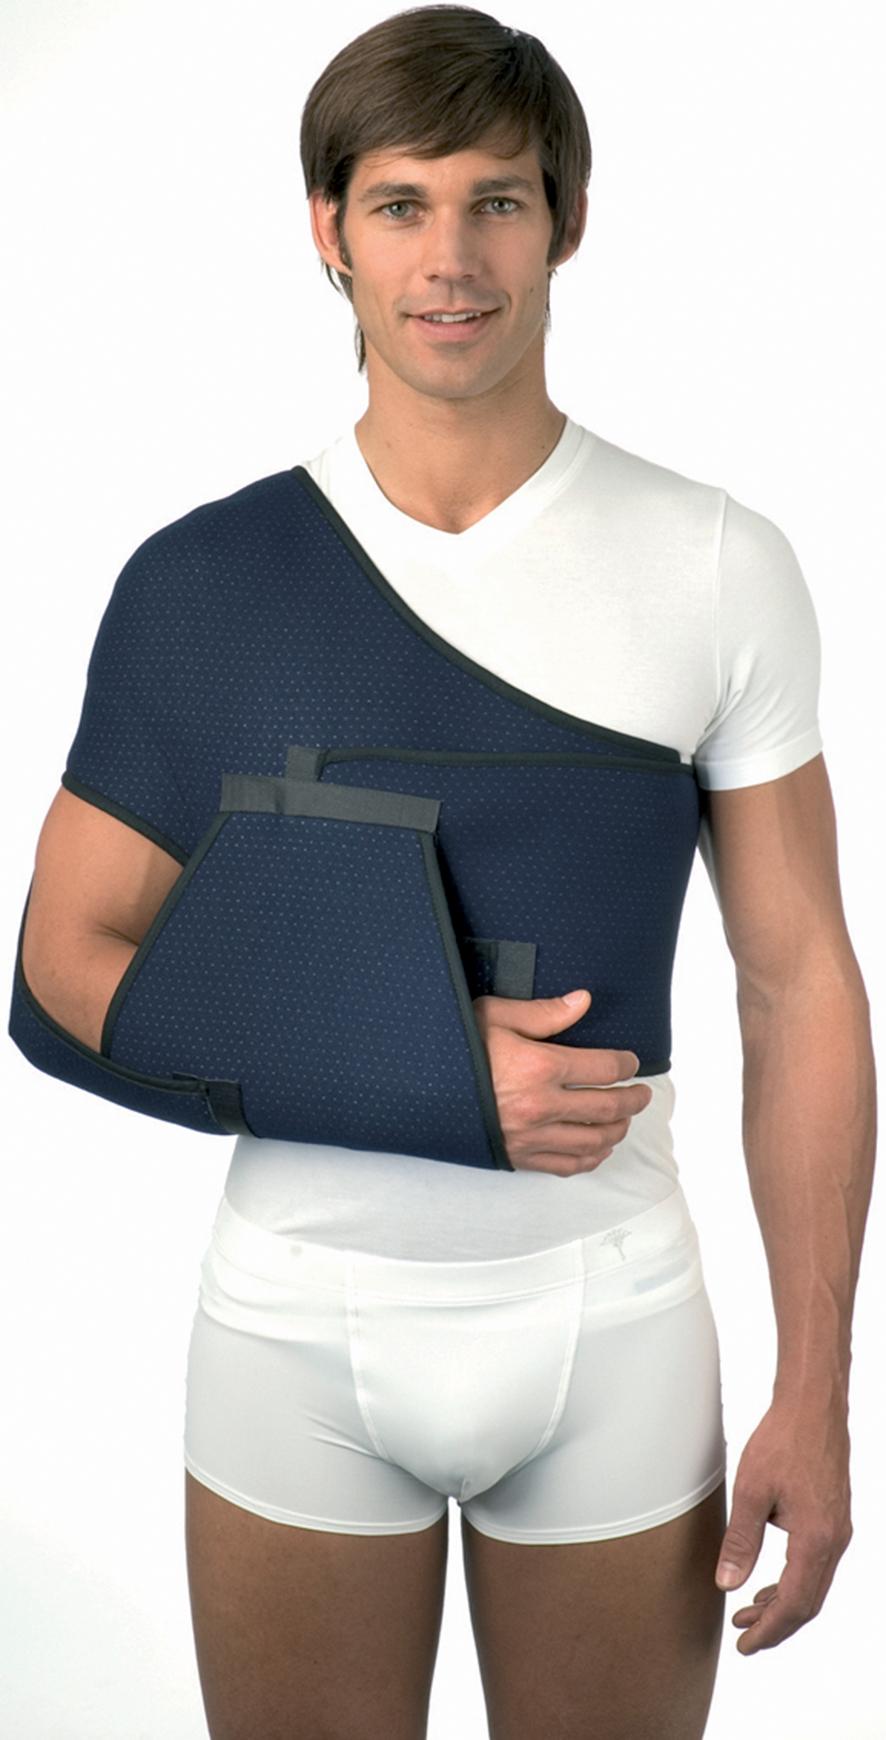 Image VELPEAU gilet orthopédique épaule